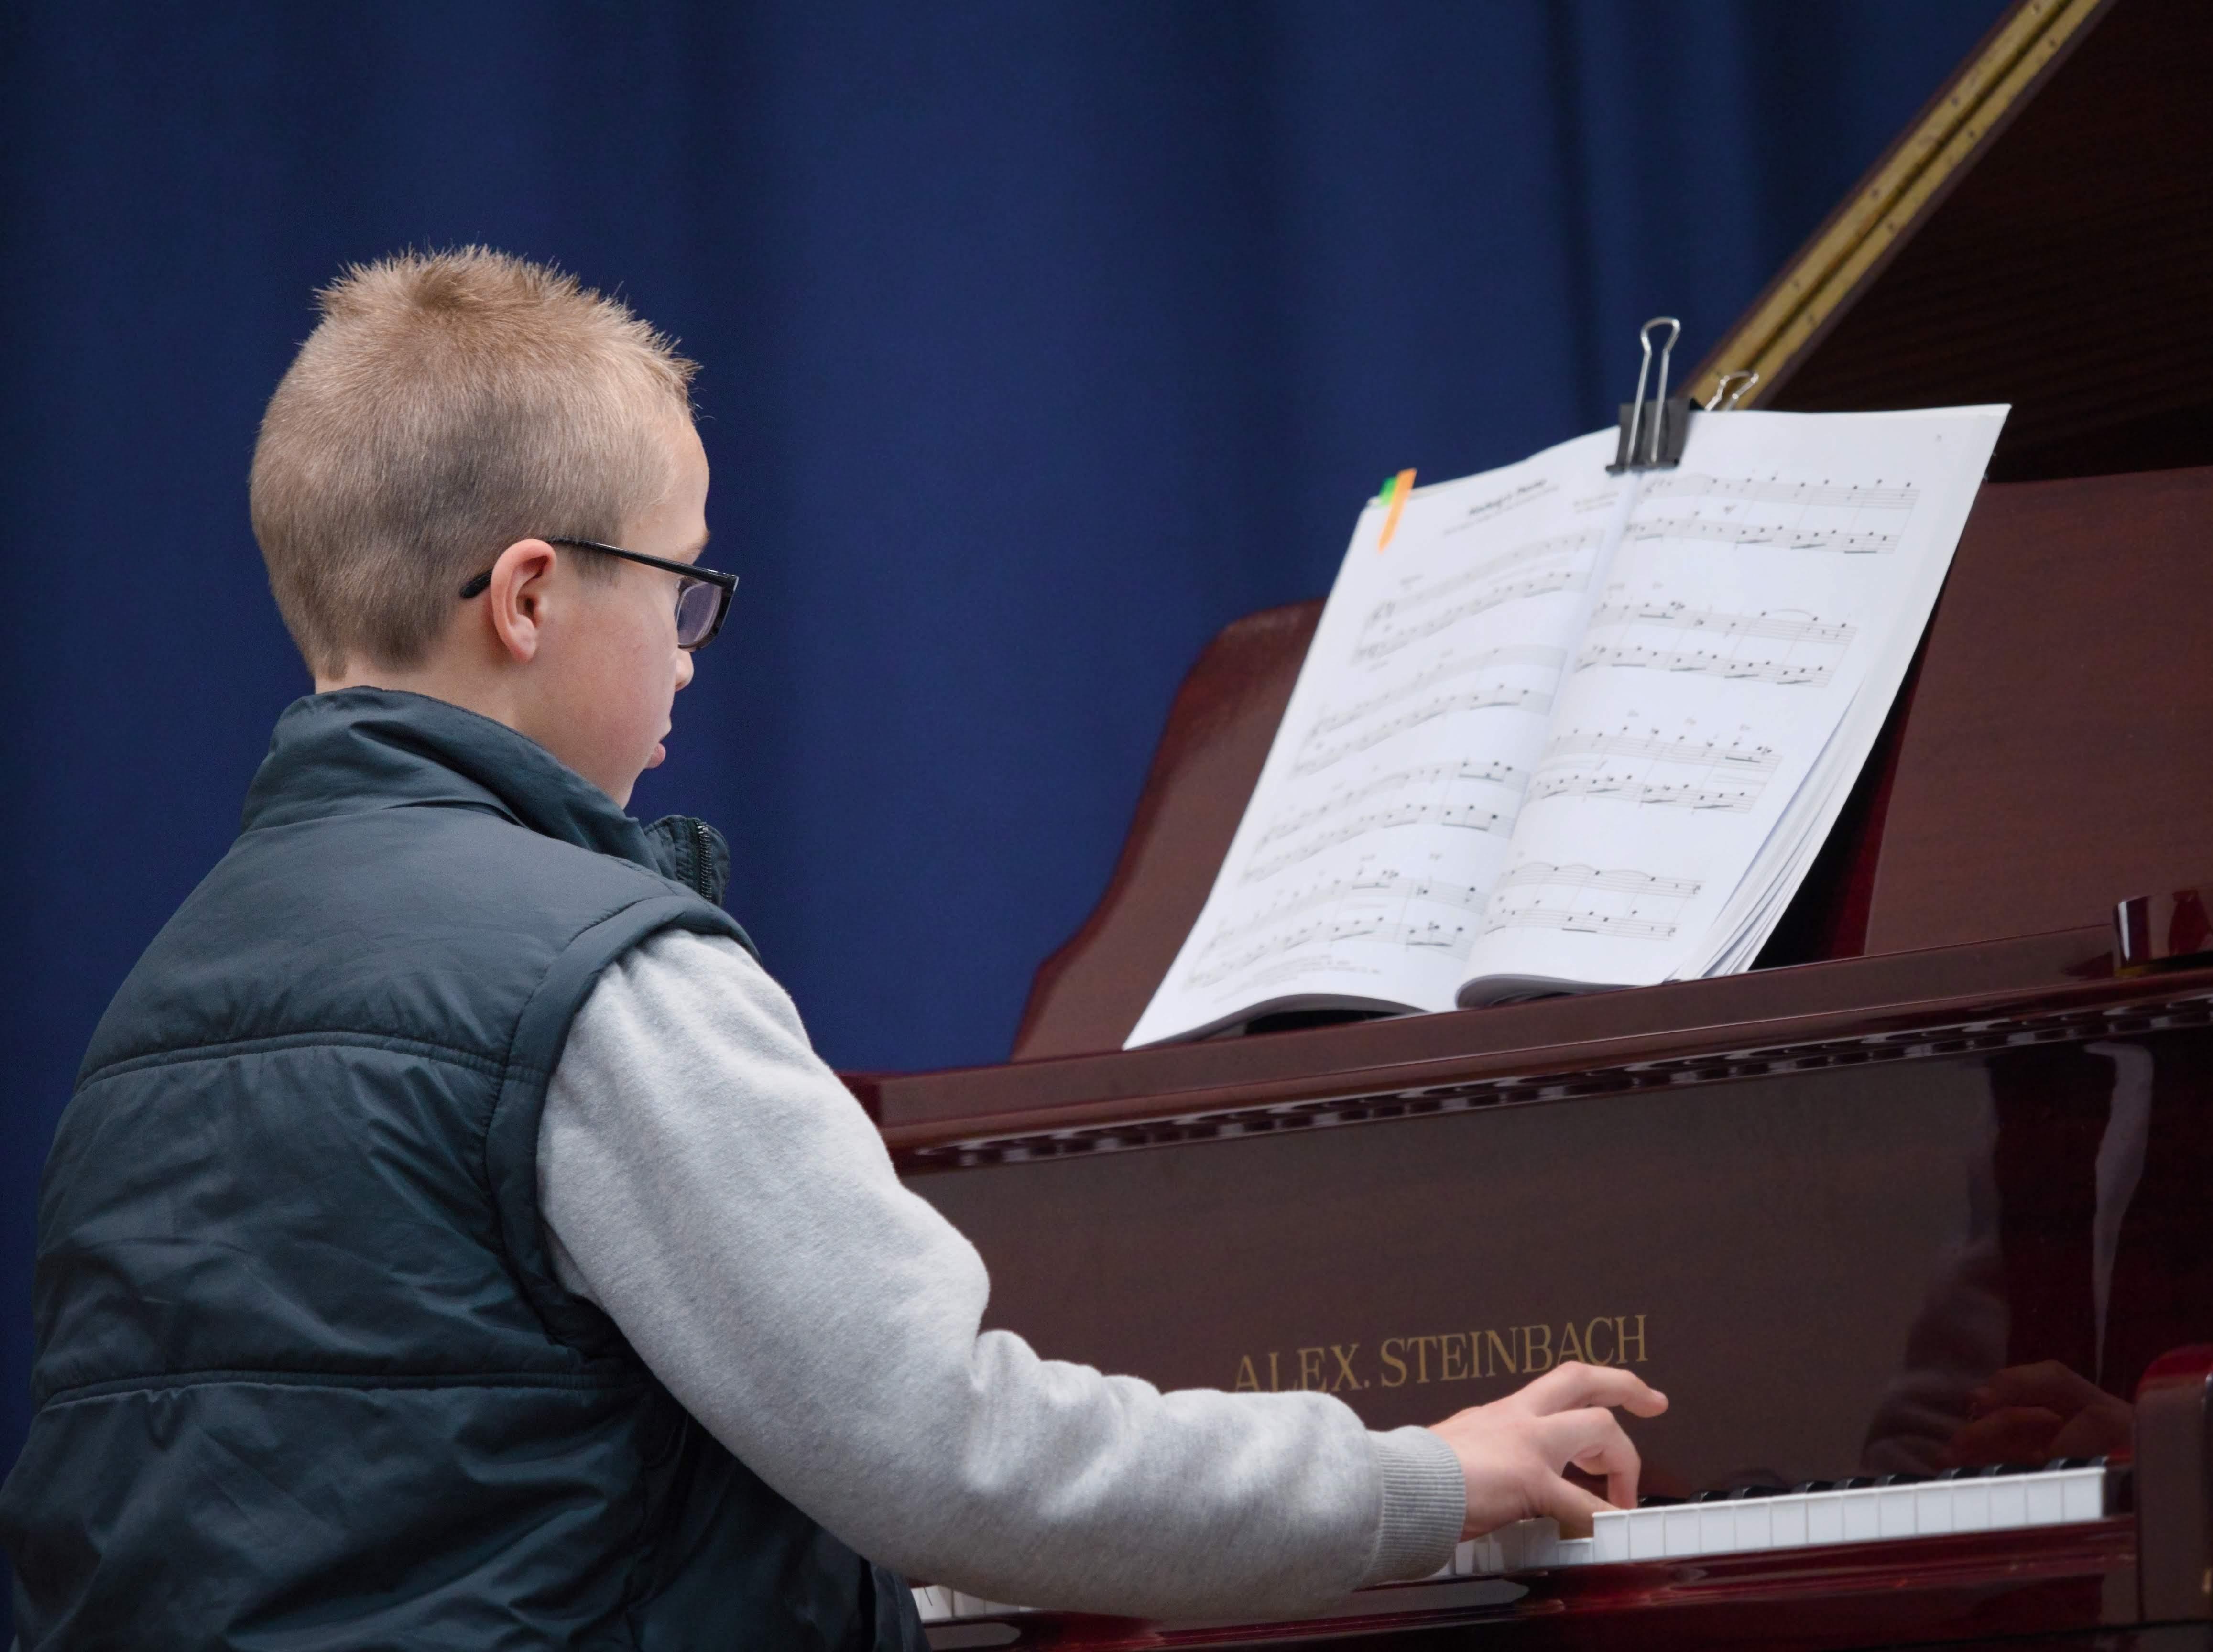 WGE Pianoforte Day 1 Kaylen Bietman Displays his skills on the Piano